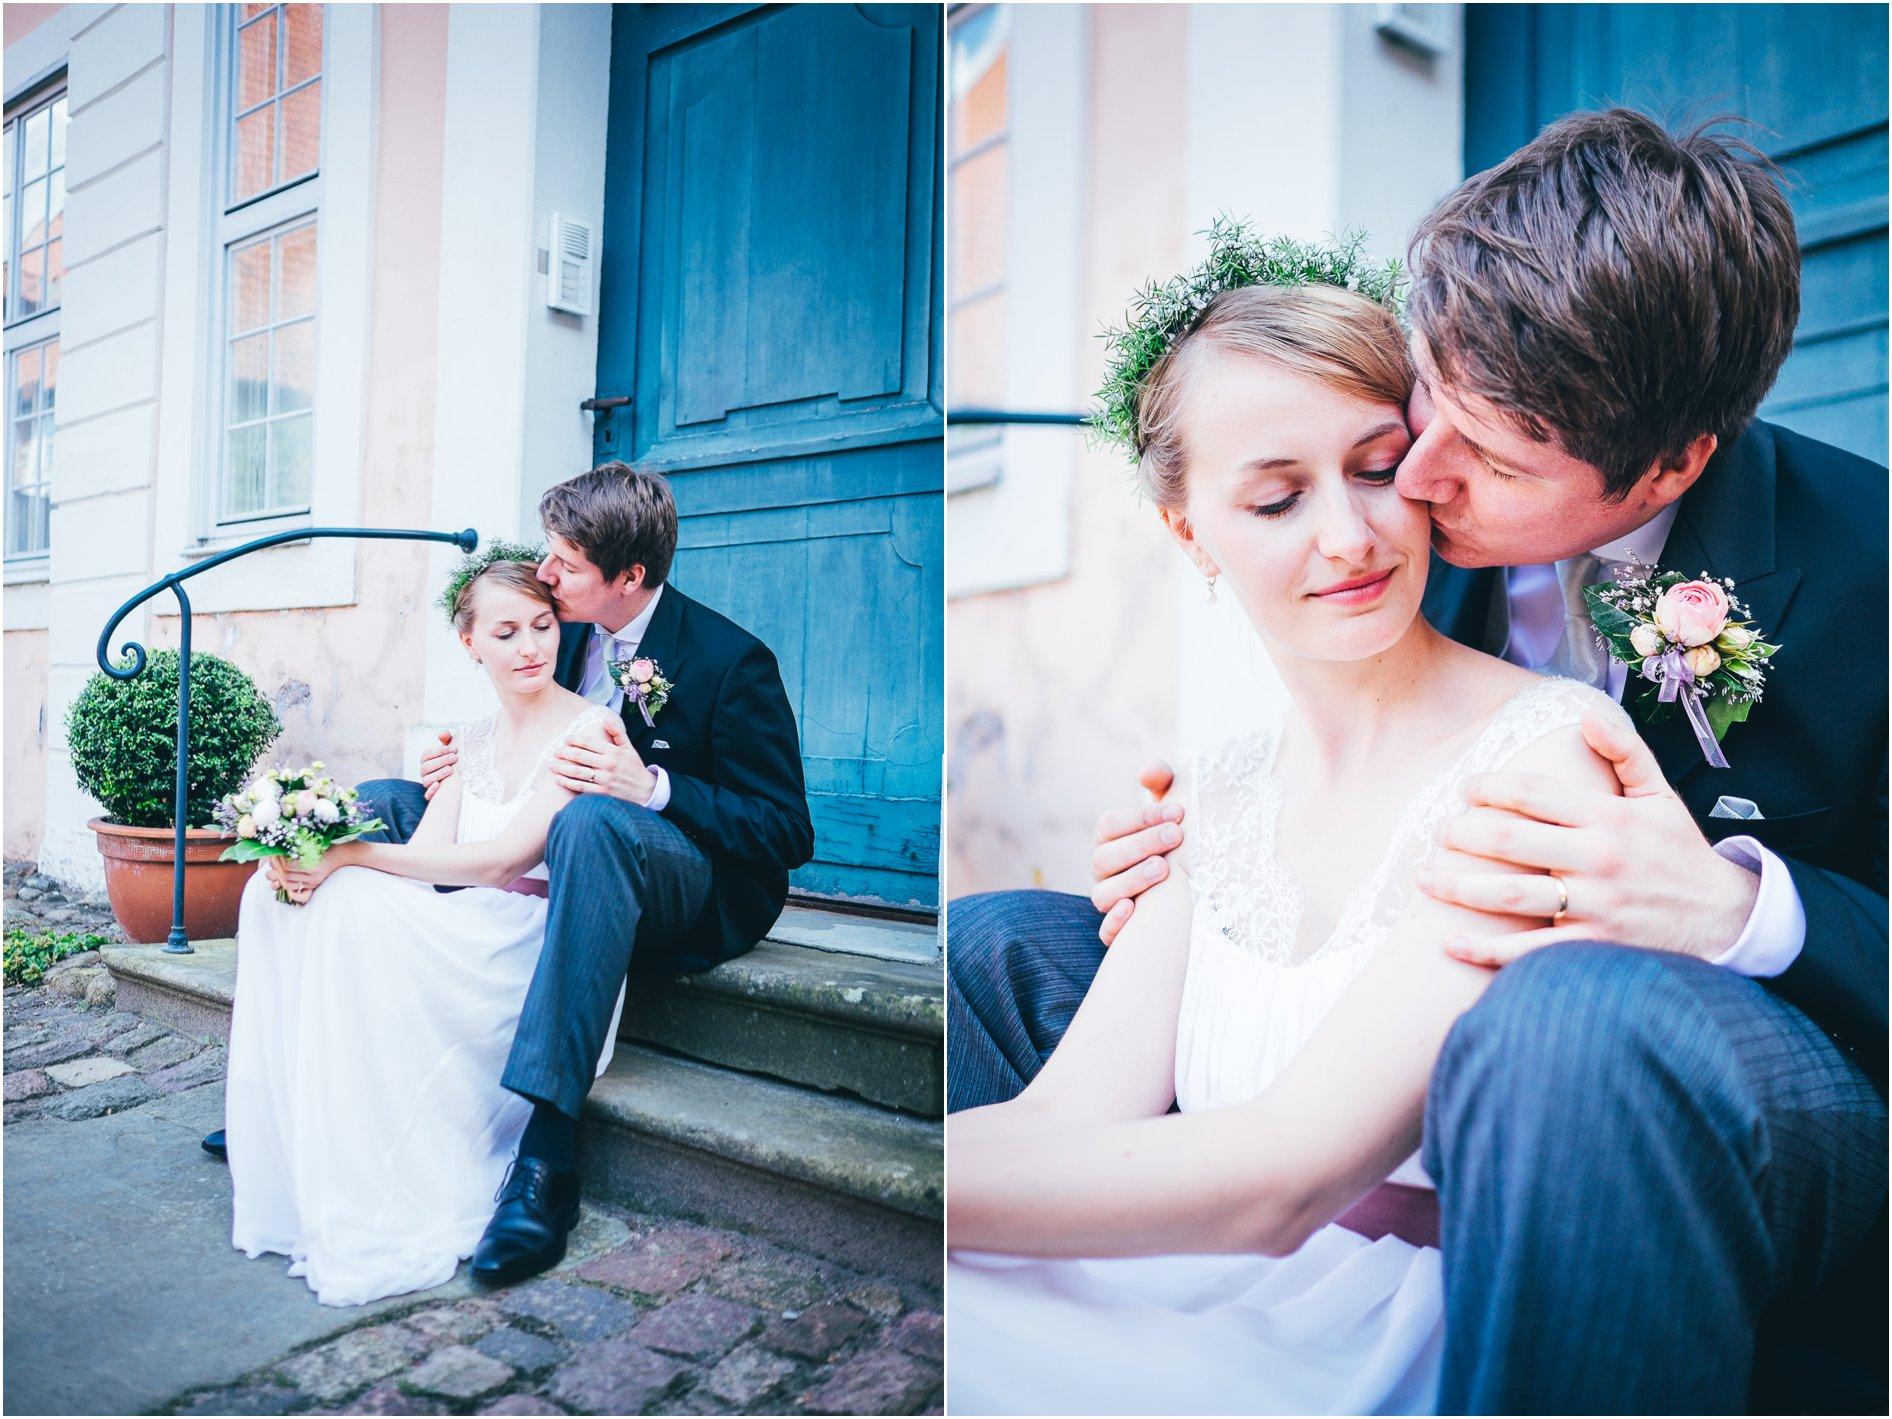 2014-10-13_0091 Jenny & Matthias - Hochzeitsfotograf auf Gut Bardenhagen